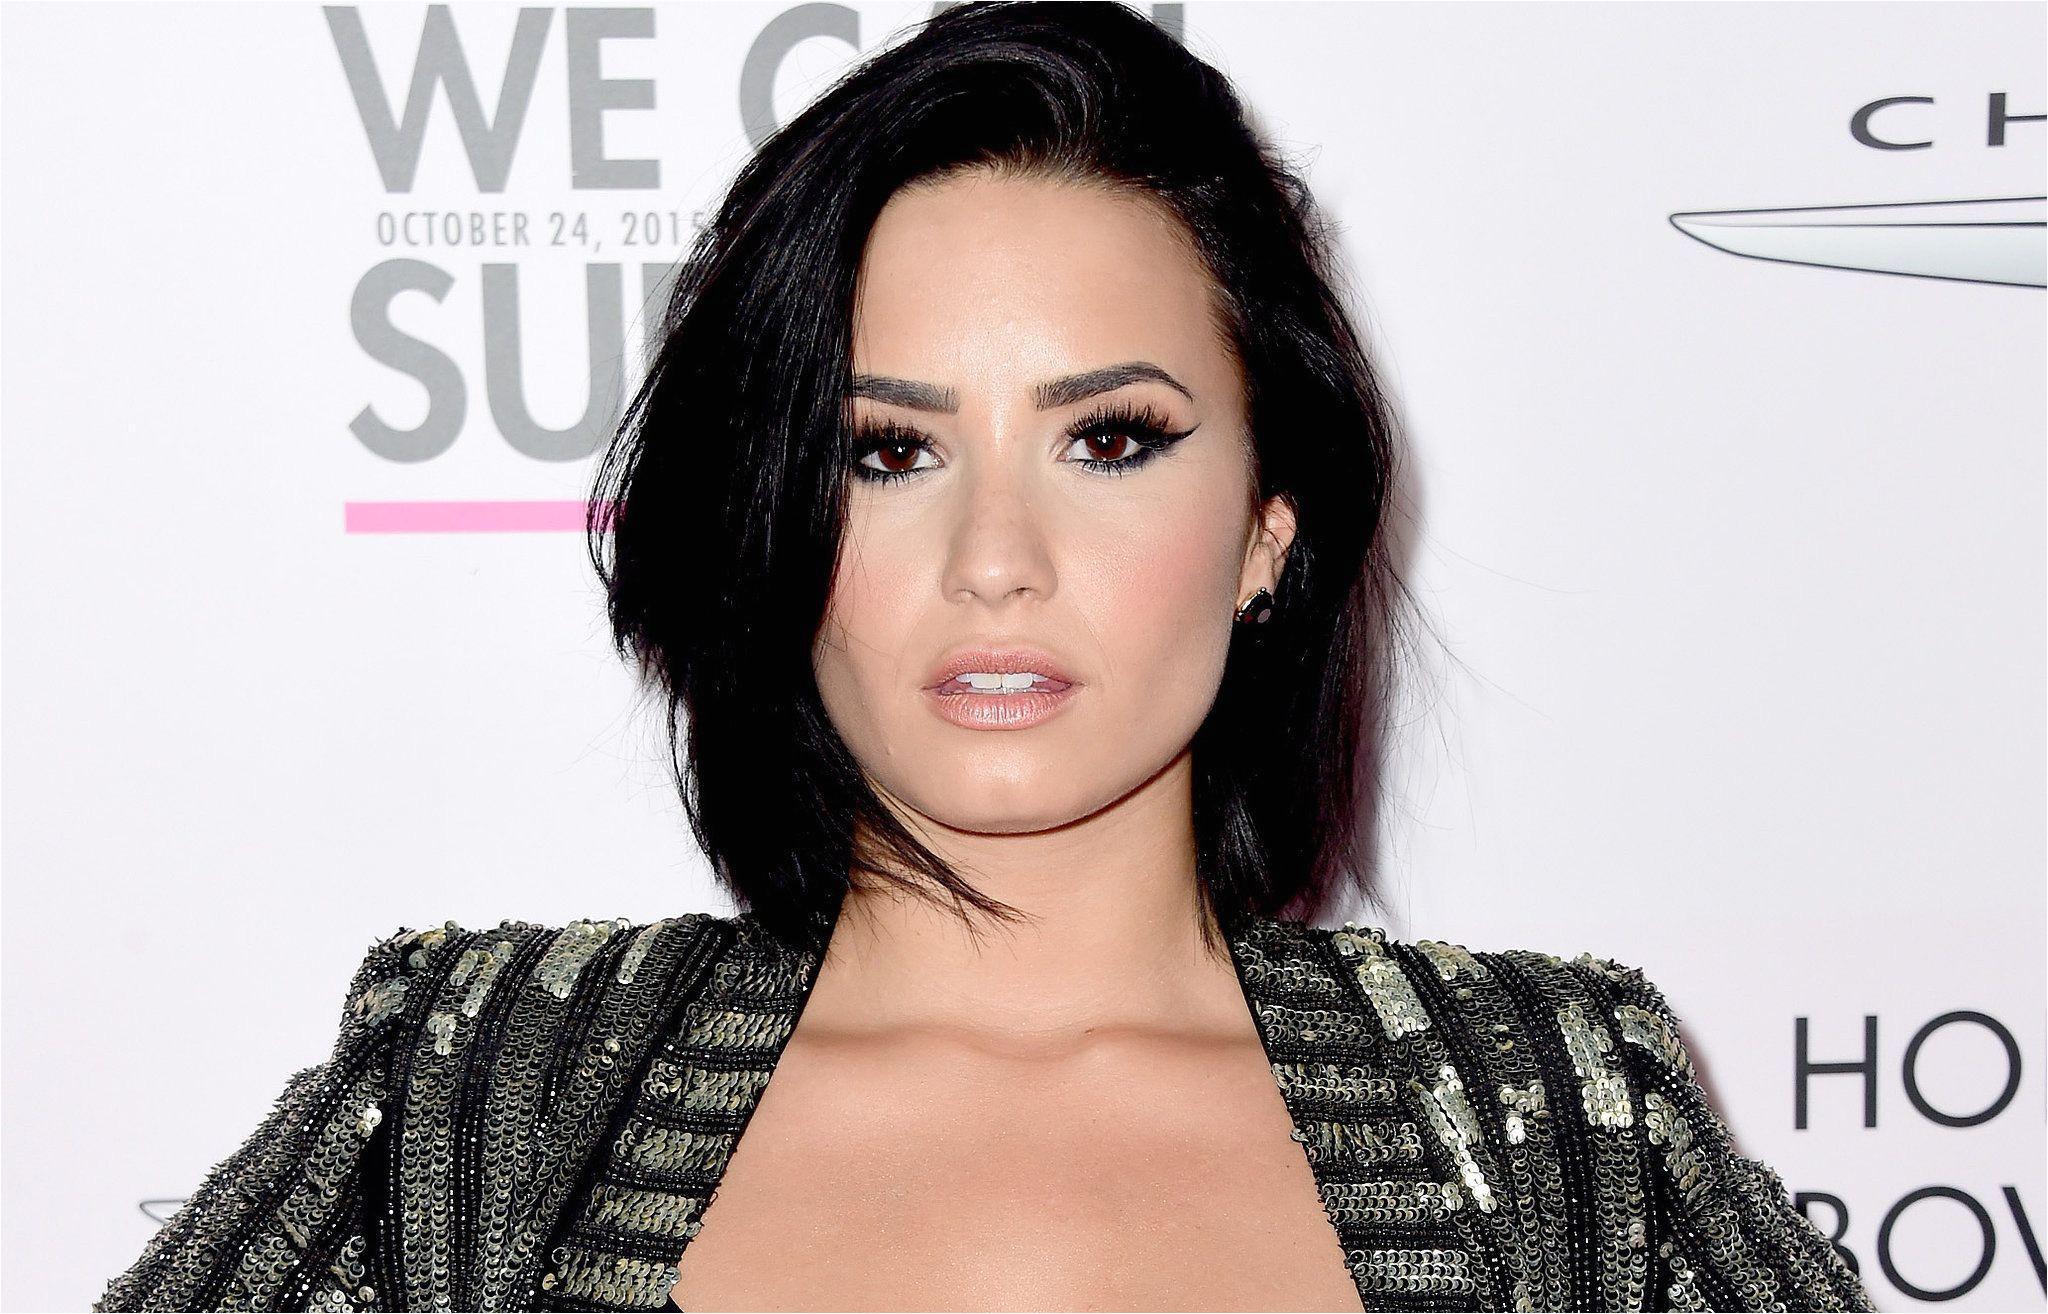 Demi Lovato Pop Singer